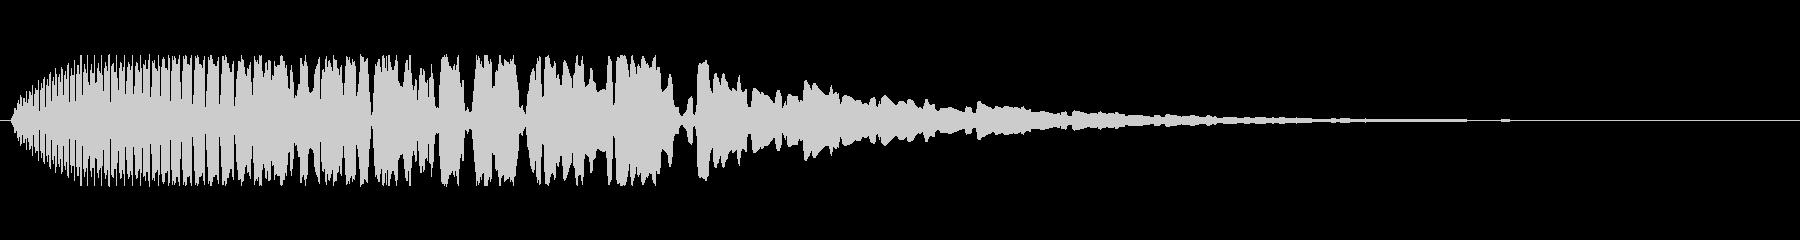 ボン エラーなどにの未再生の波形